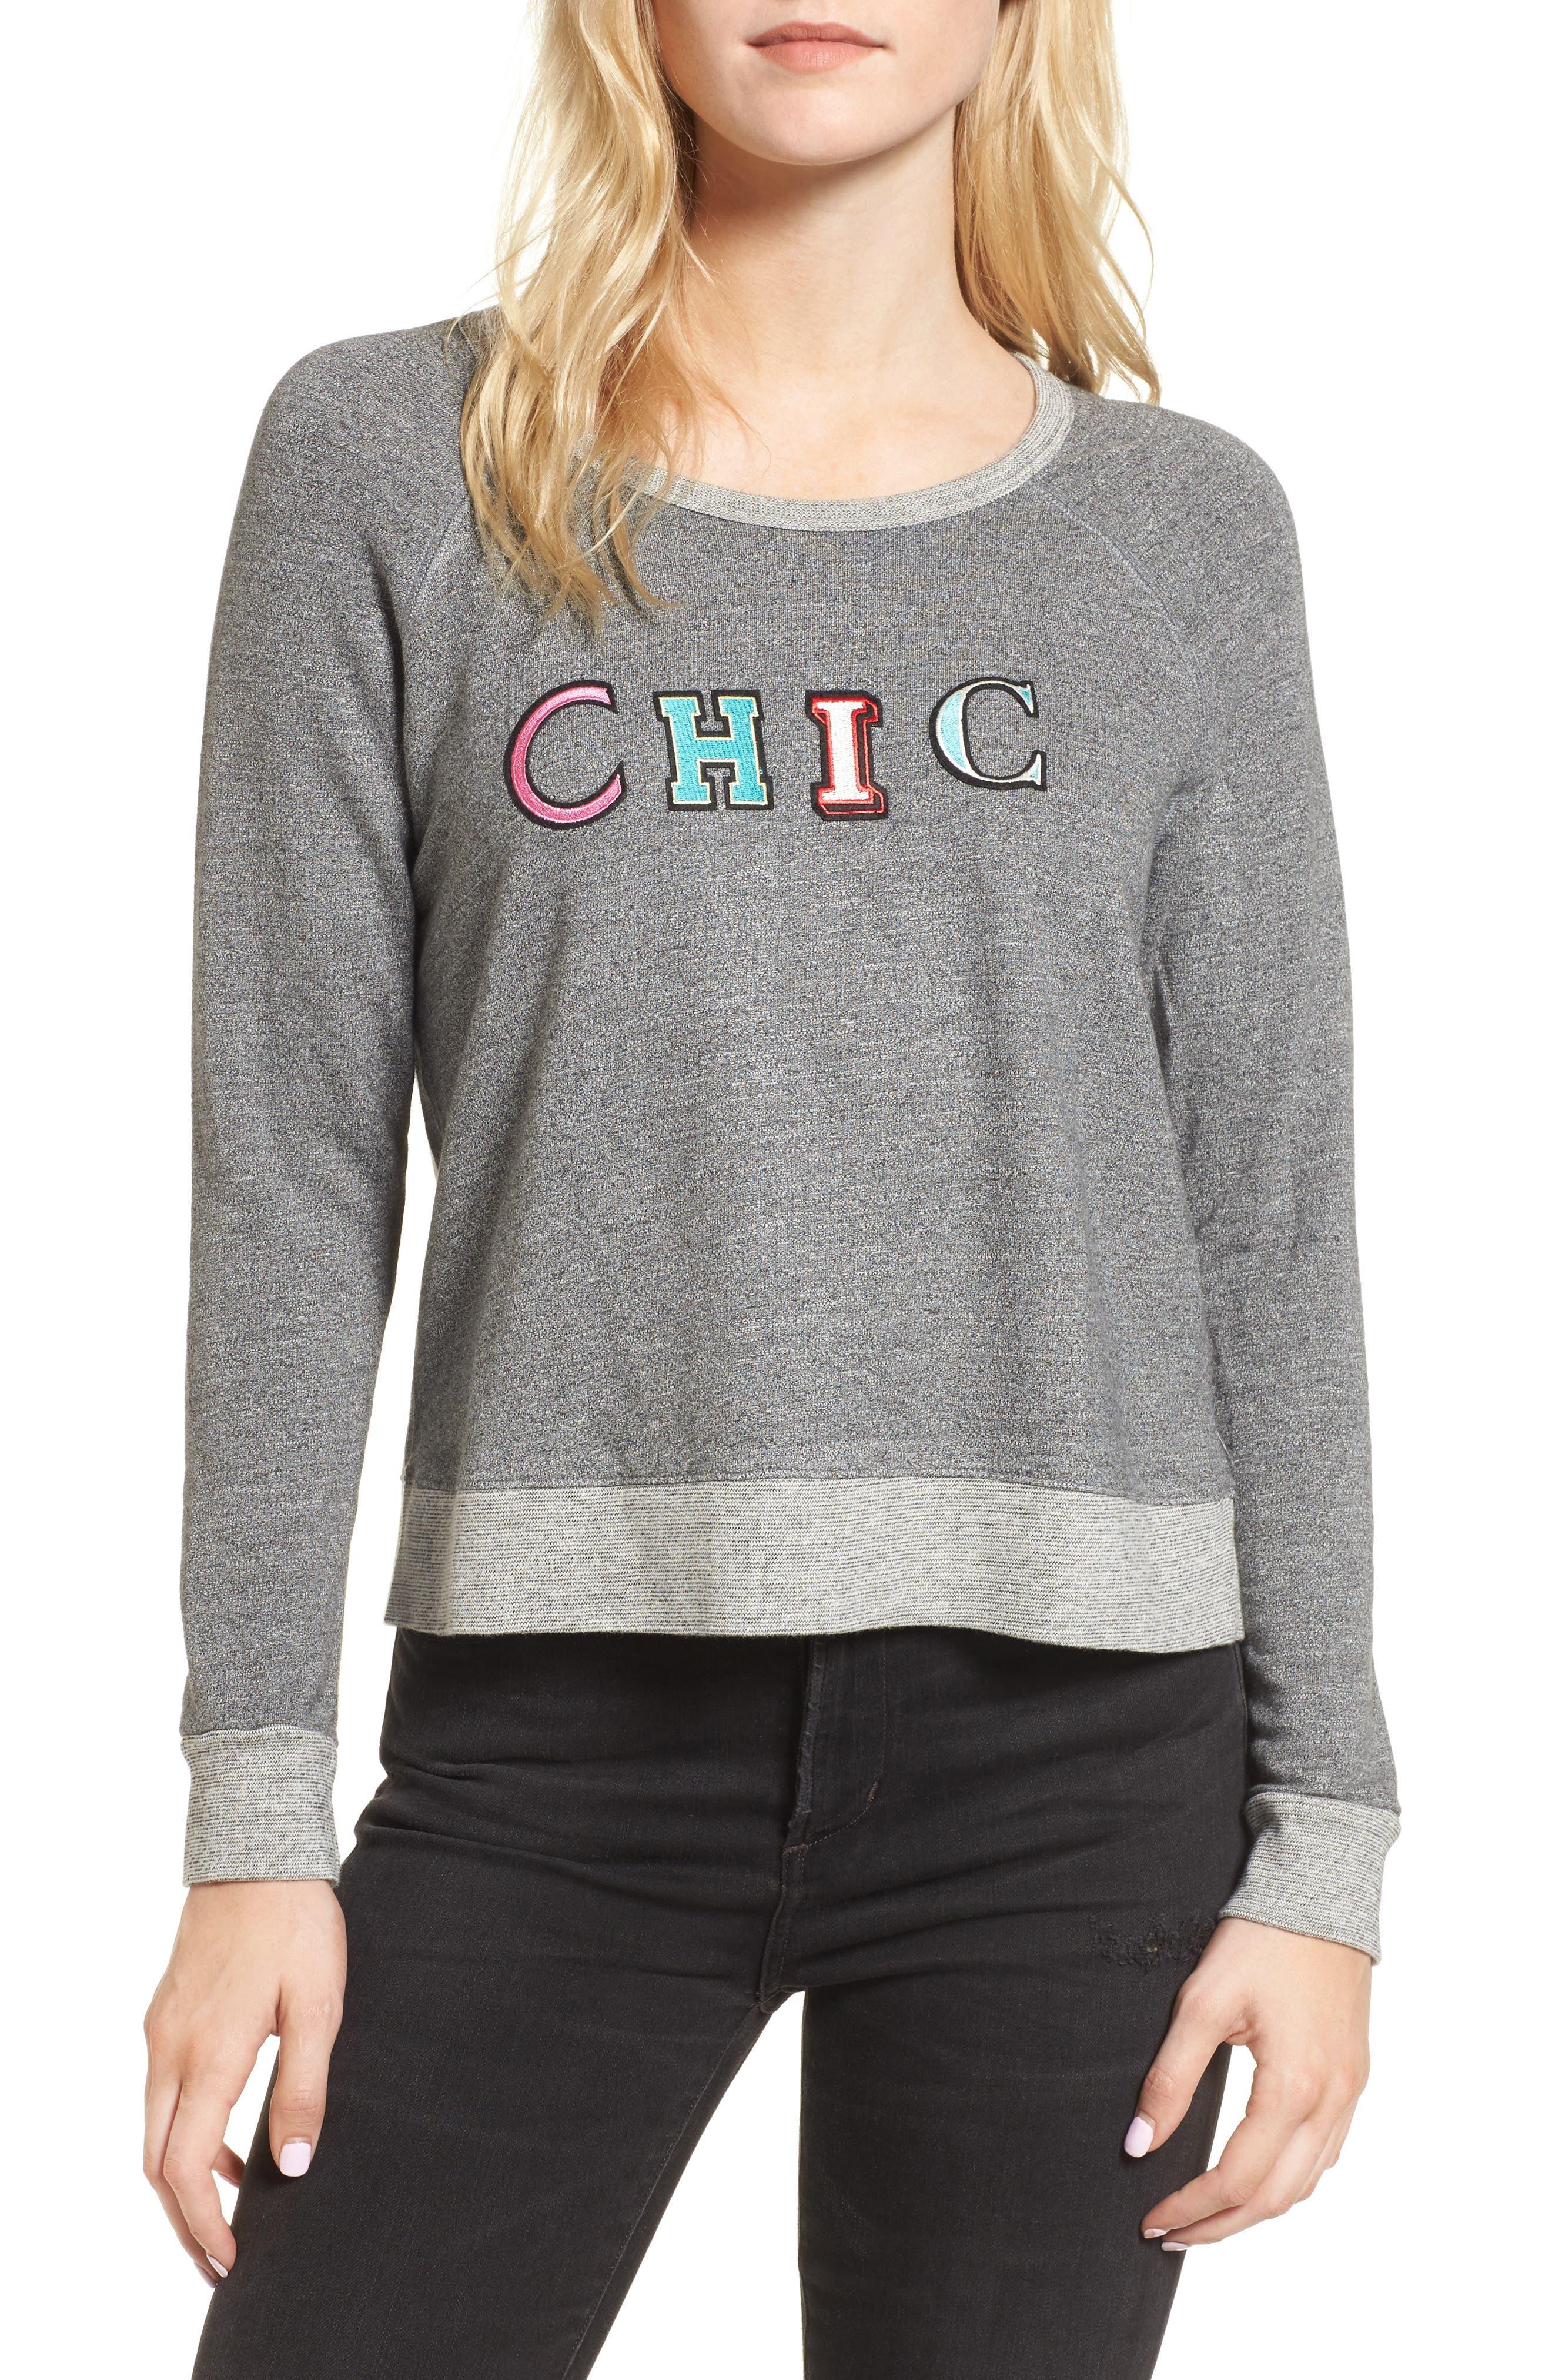 Main Image - Sundry Chic Crop Sweatshirt